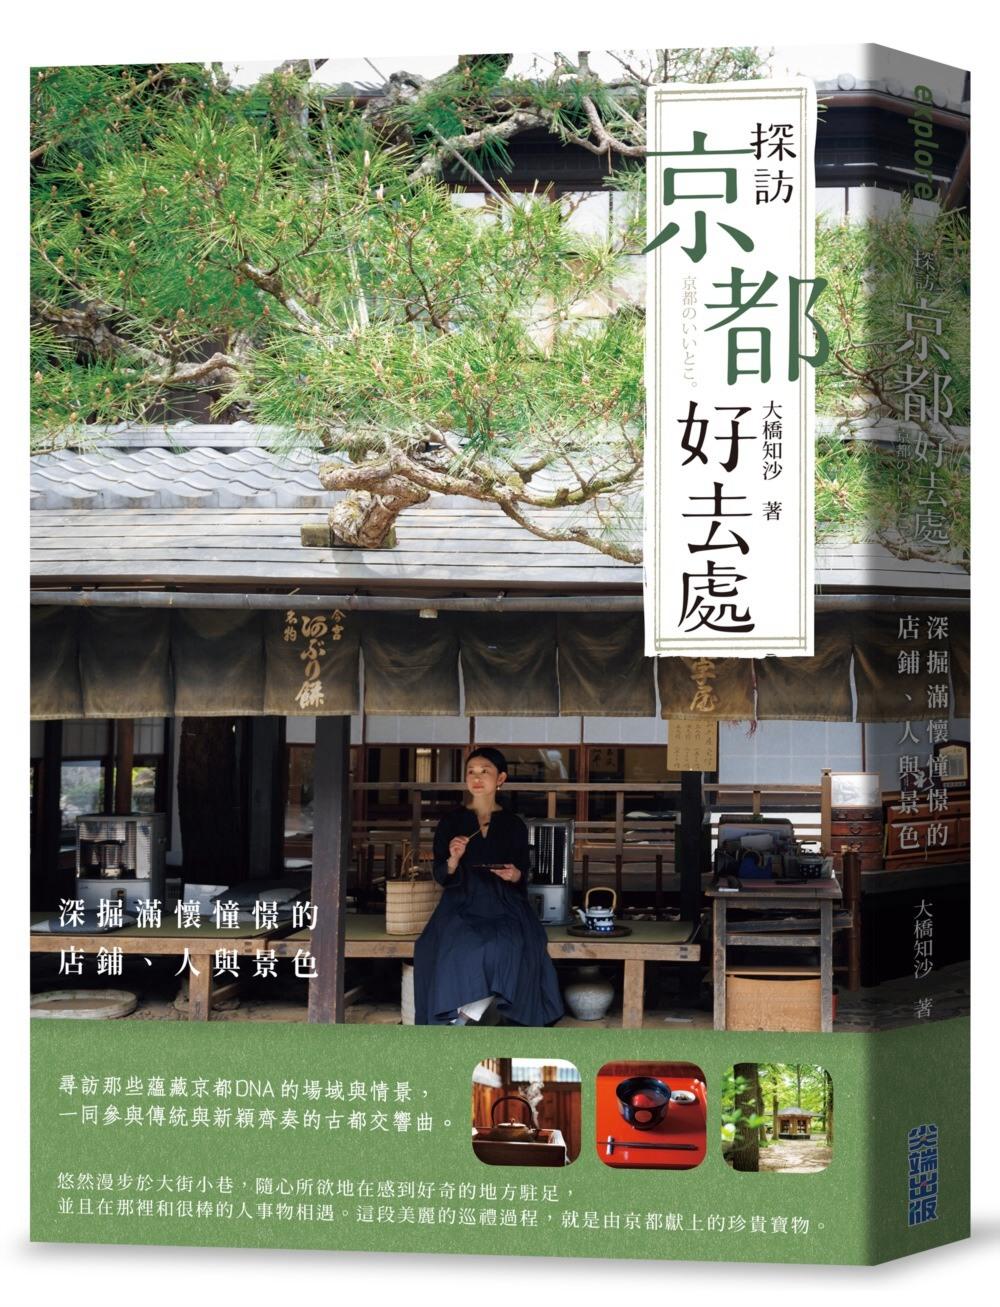 探訪京都好去處:深掘滿懷憧憬的...